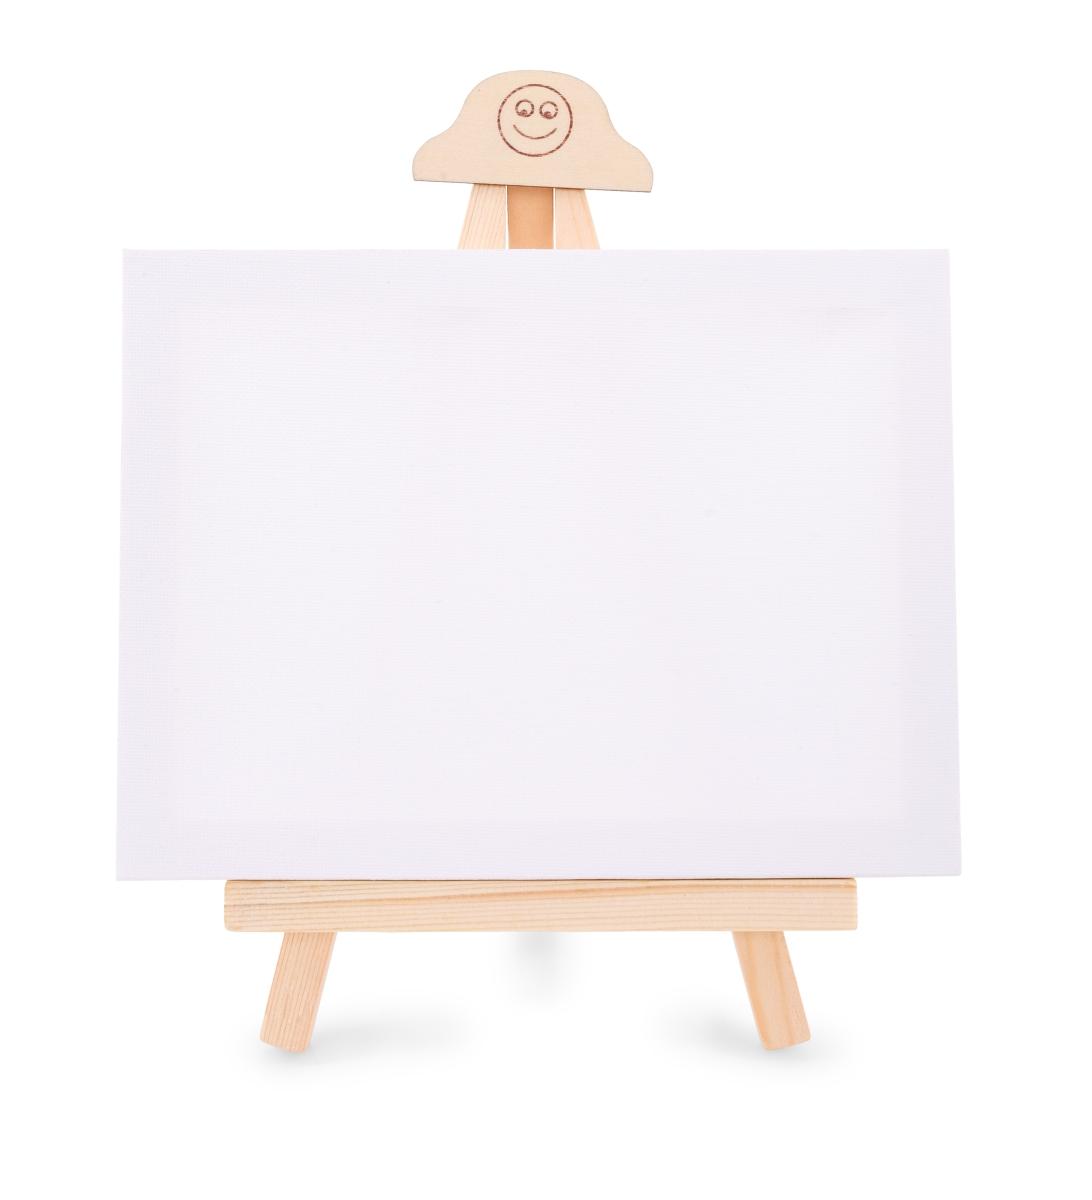 Malířské plátno, 20 x 15 cm